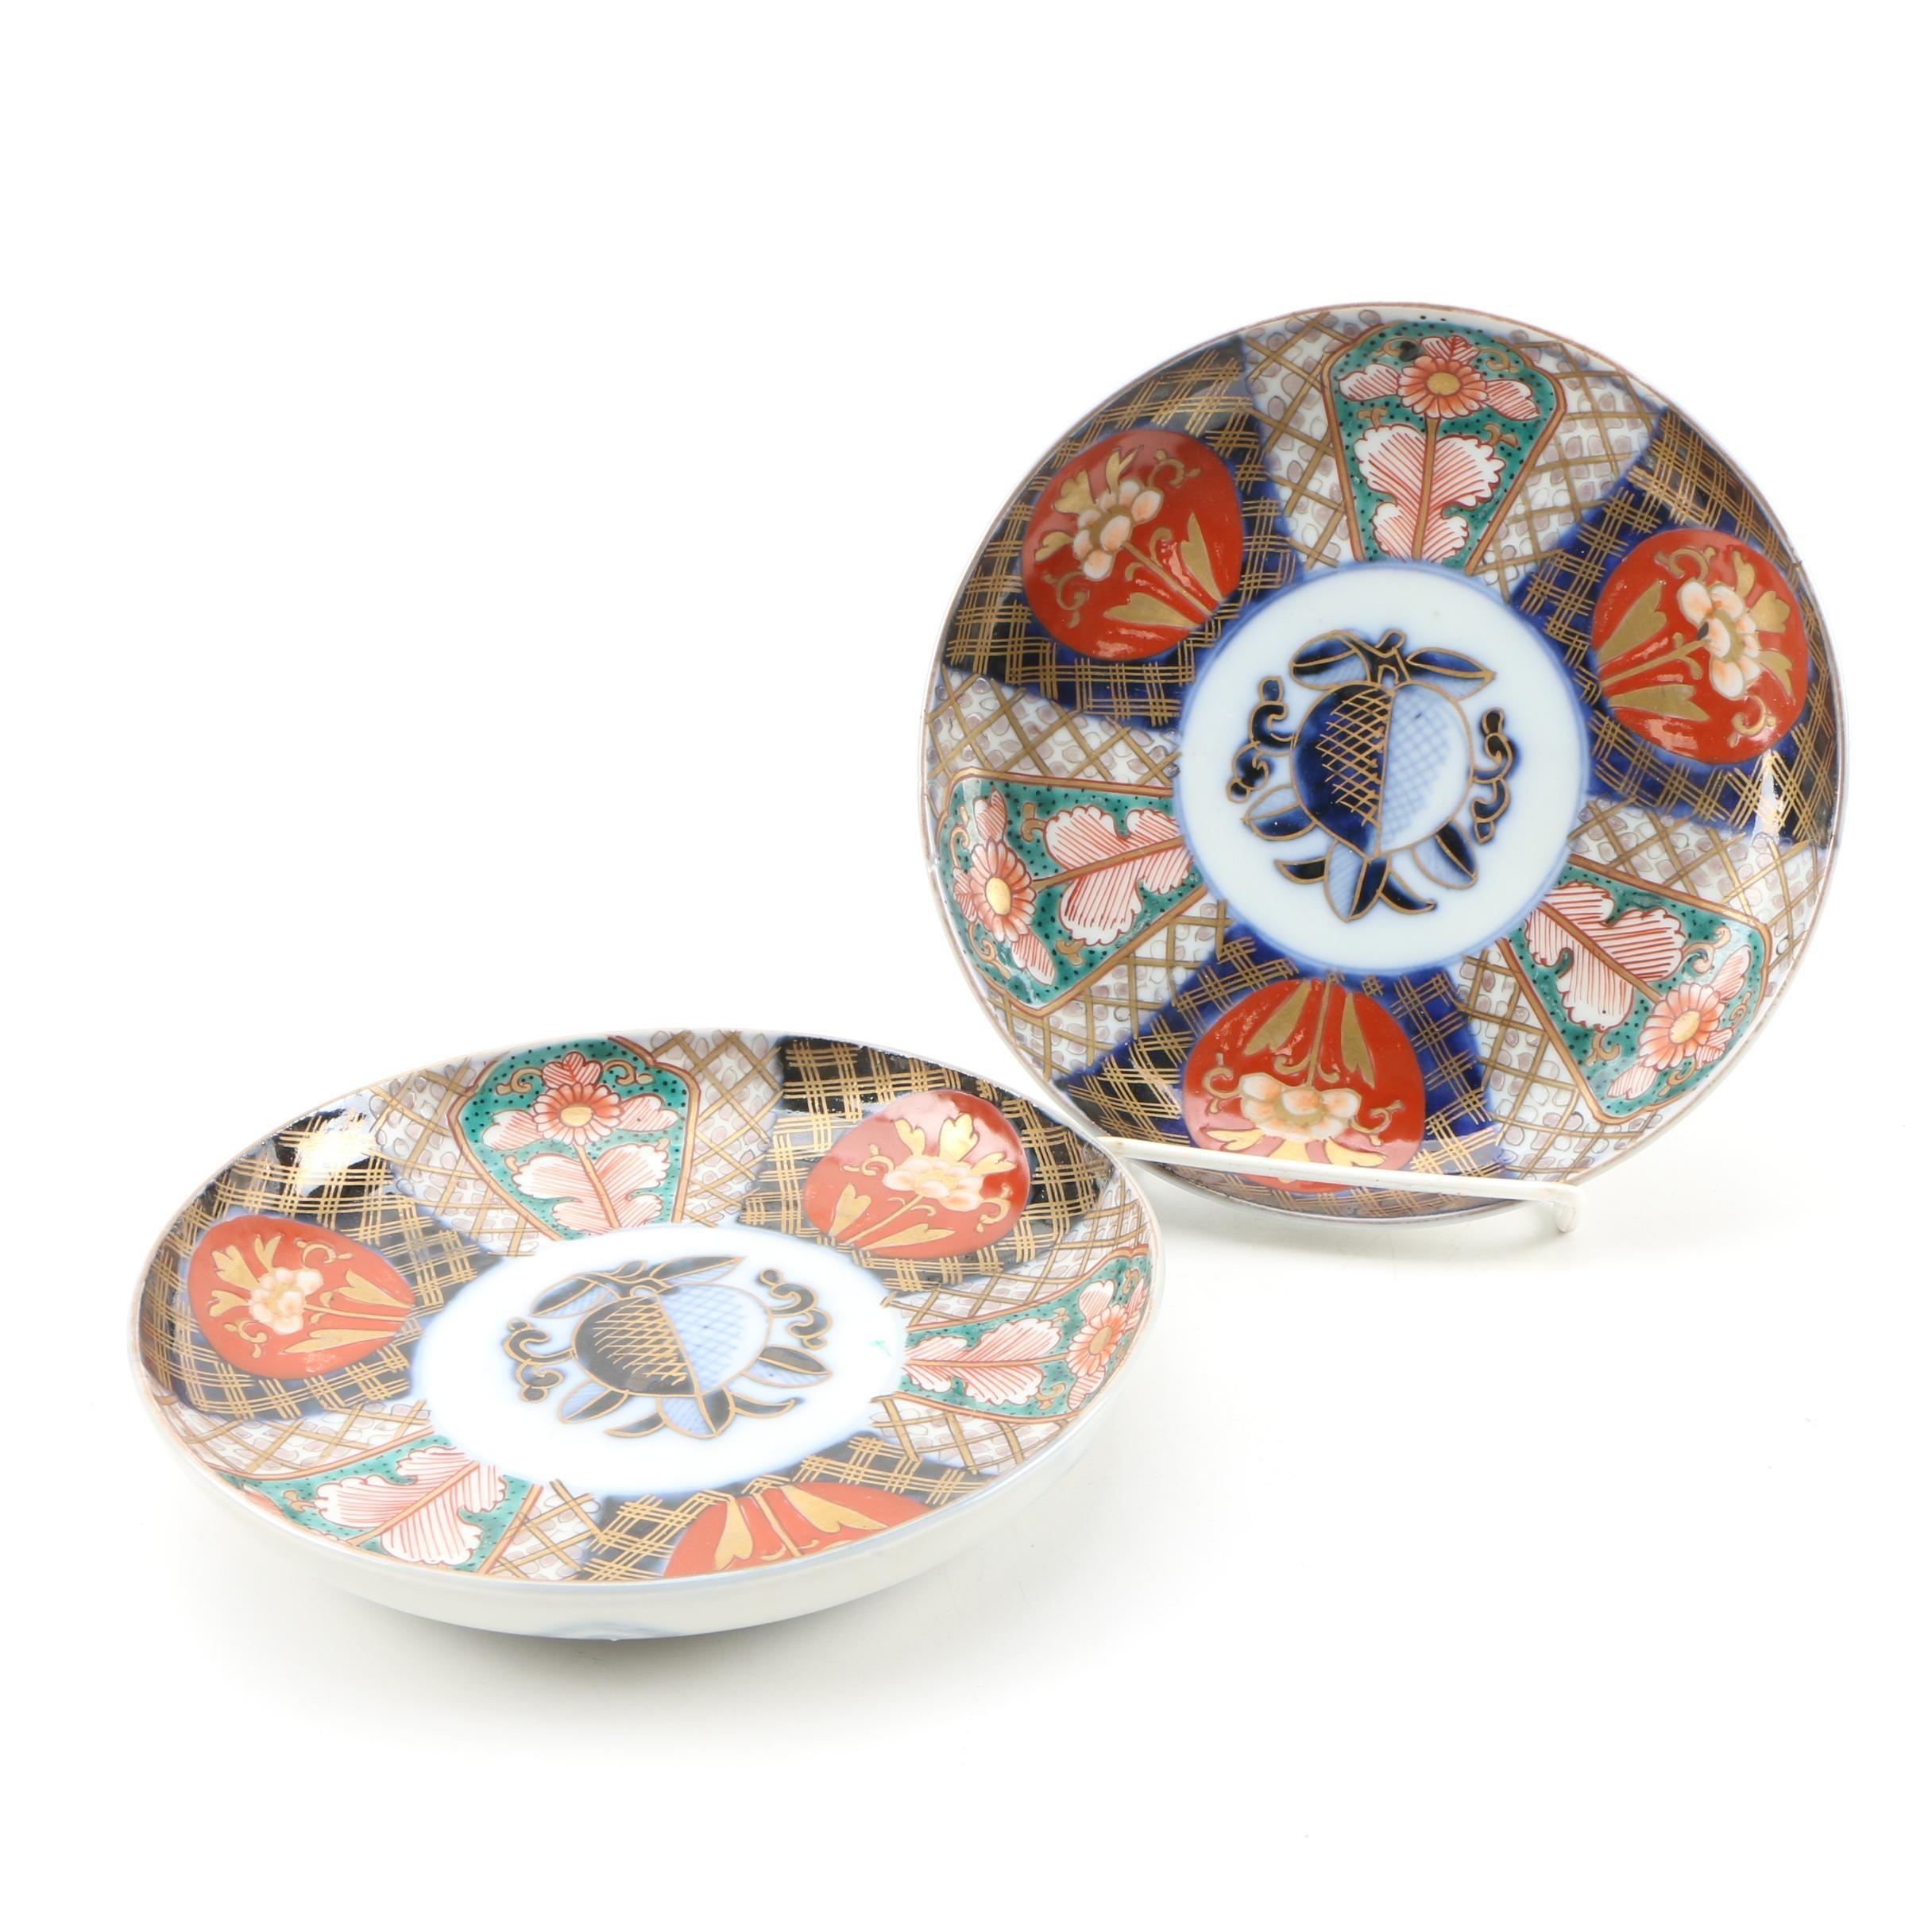 Pair of Japanese Imari Ceramic Coupe Plates, Meiji Period